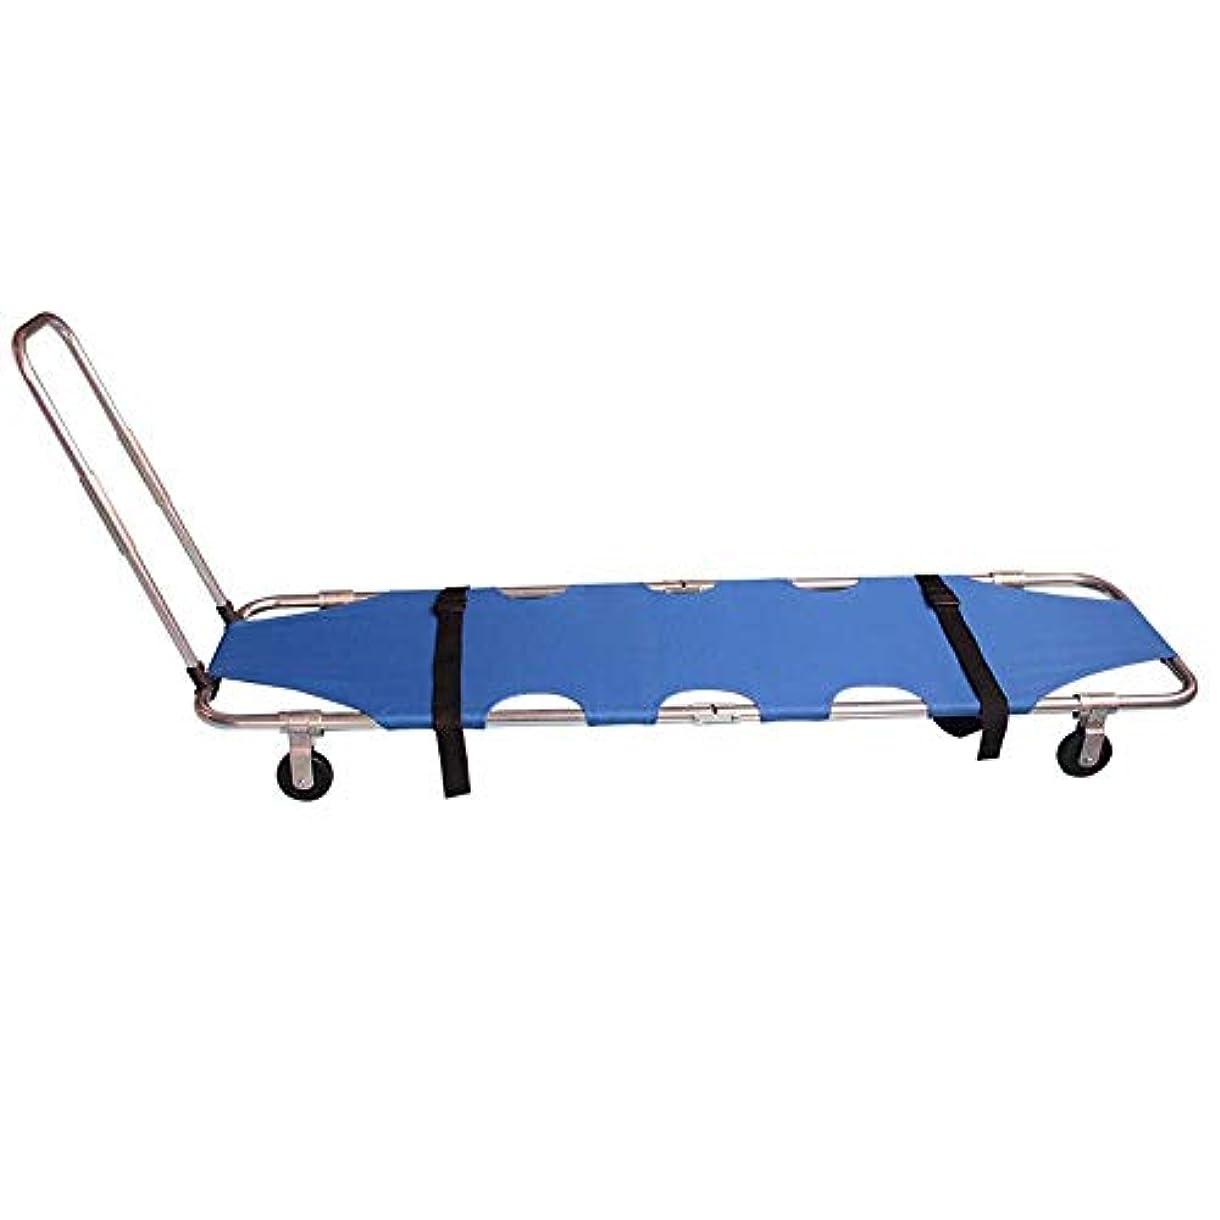 どこにでもどっち歌う緊急救助ストレッチャー、病院、クリニック、ホームなどのための4つの車輪とシートベルトを備えたフラット折りたたみ式ポータブルストレッチャー